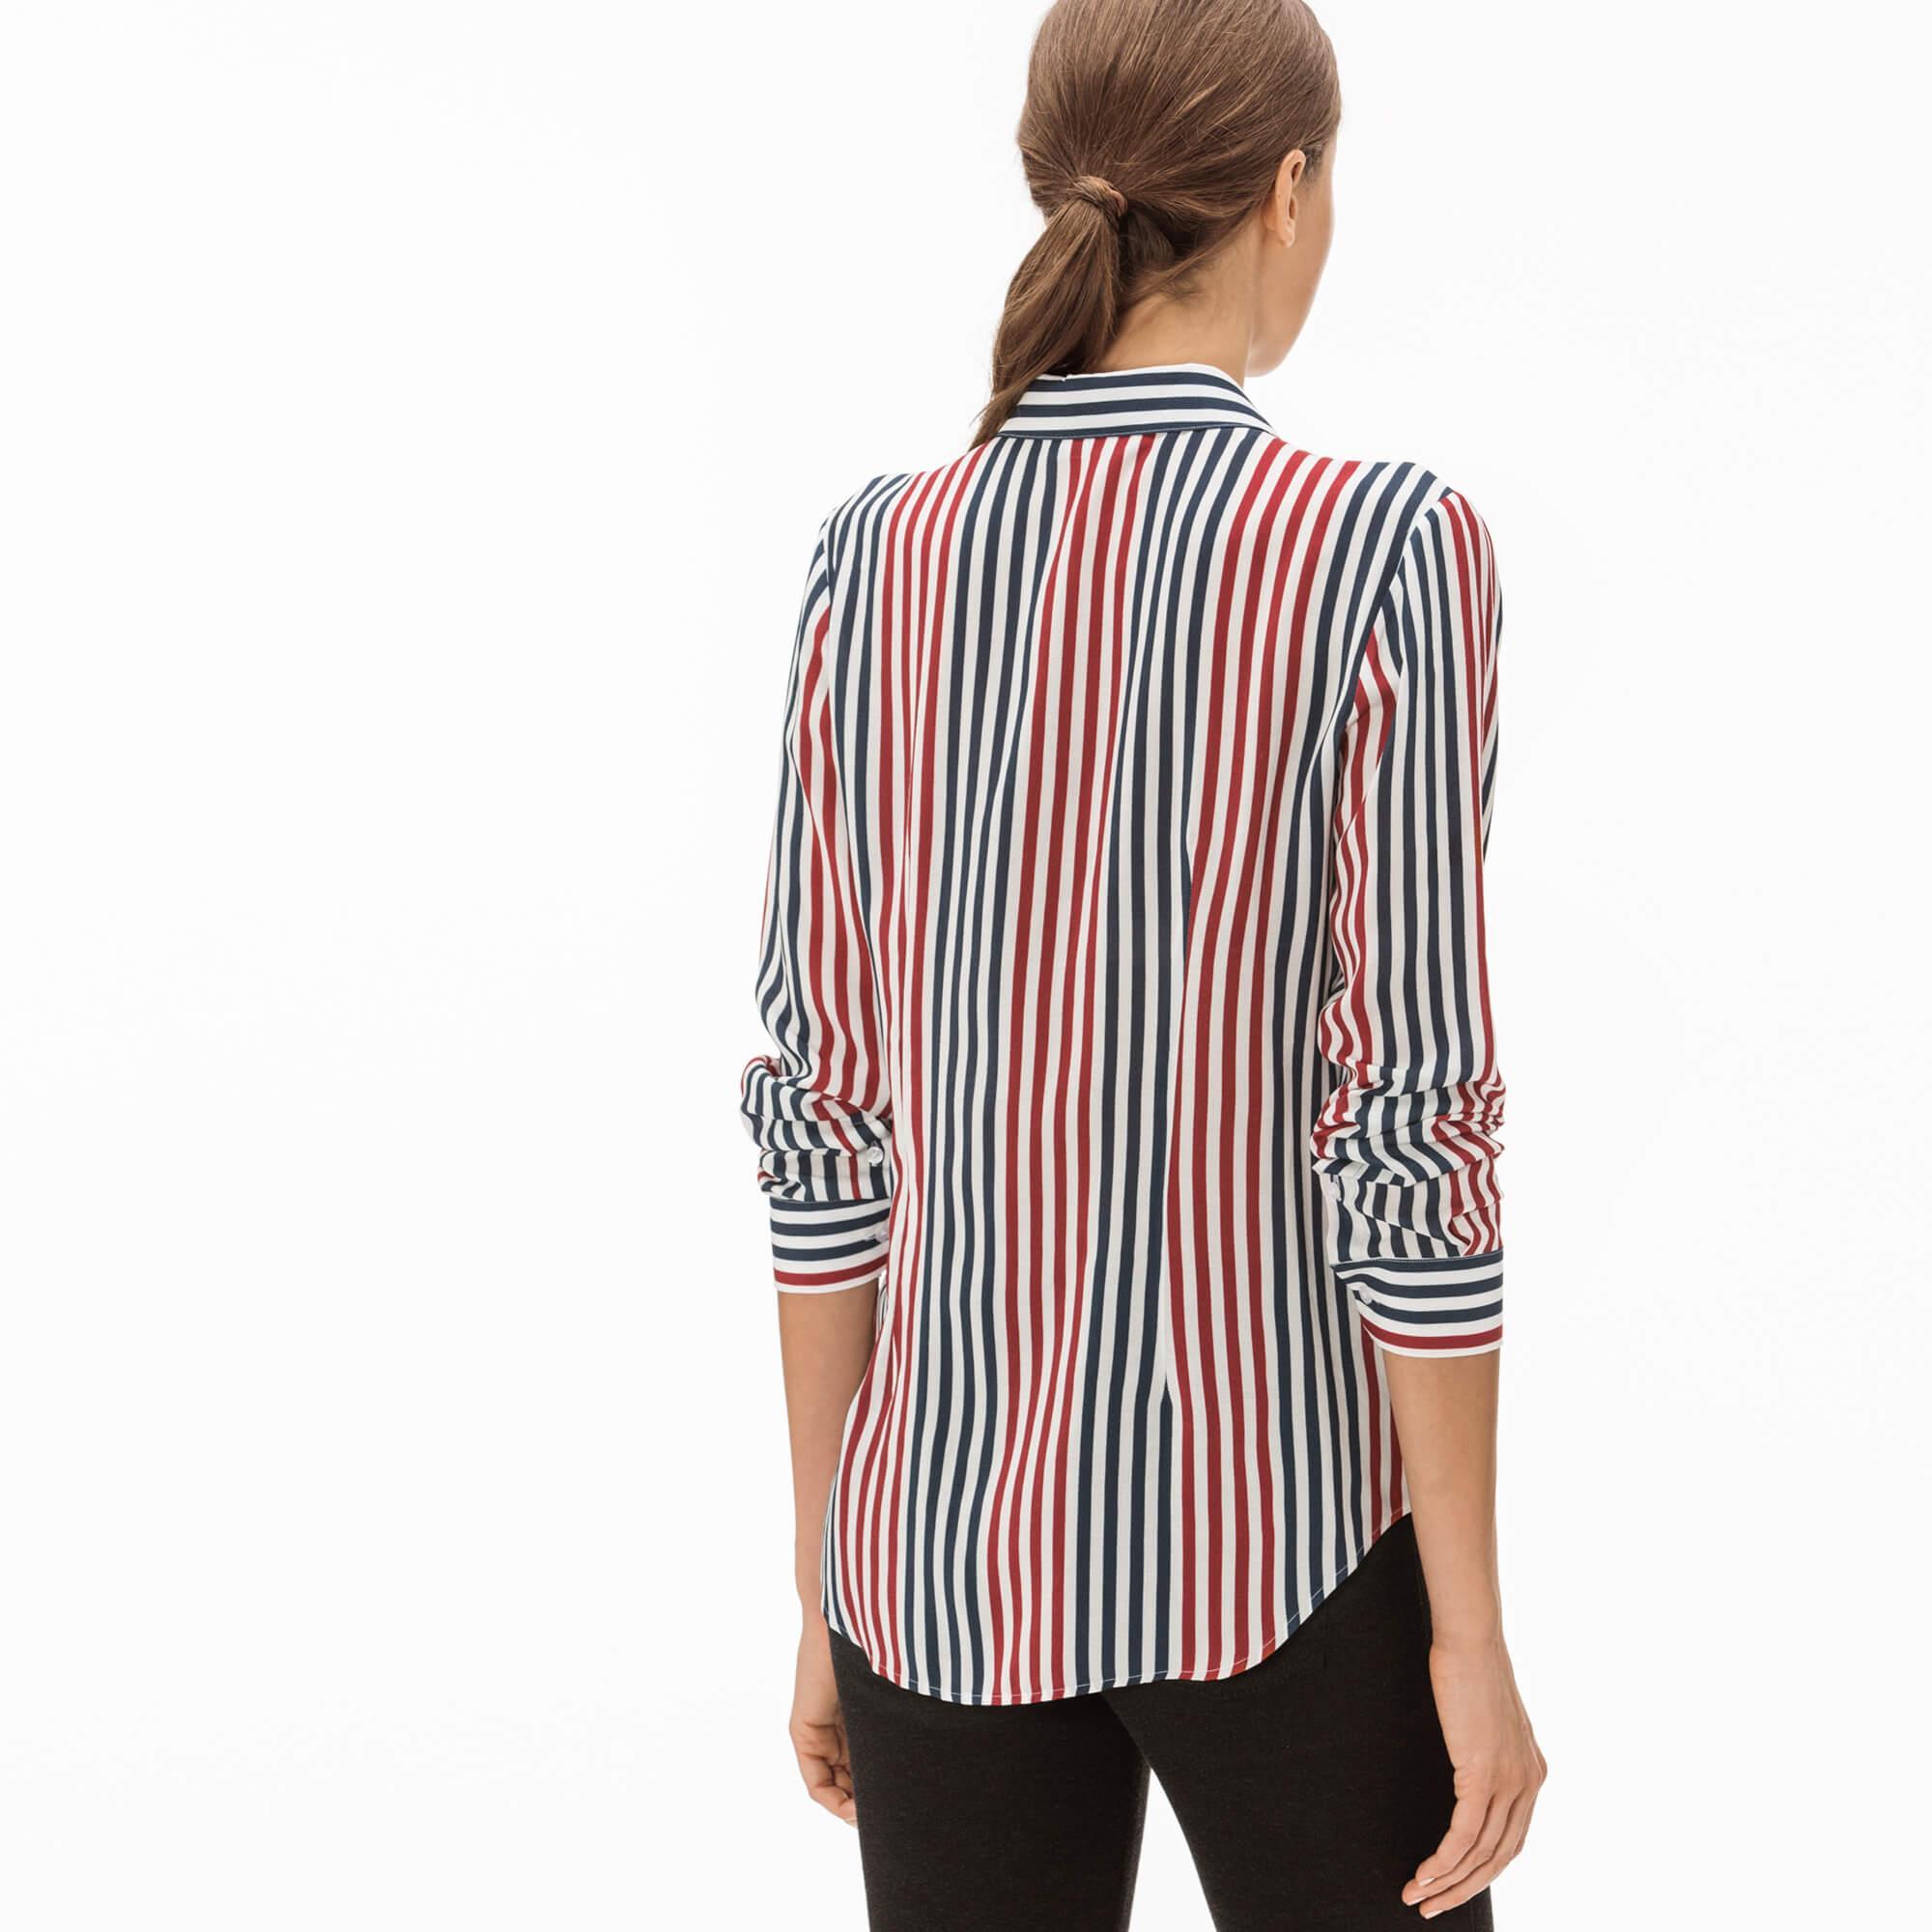 Lacoste Kadın Renk Bloklu Çizgili Gömlek